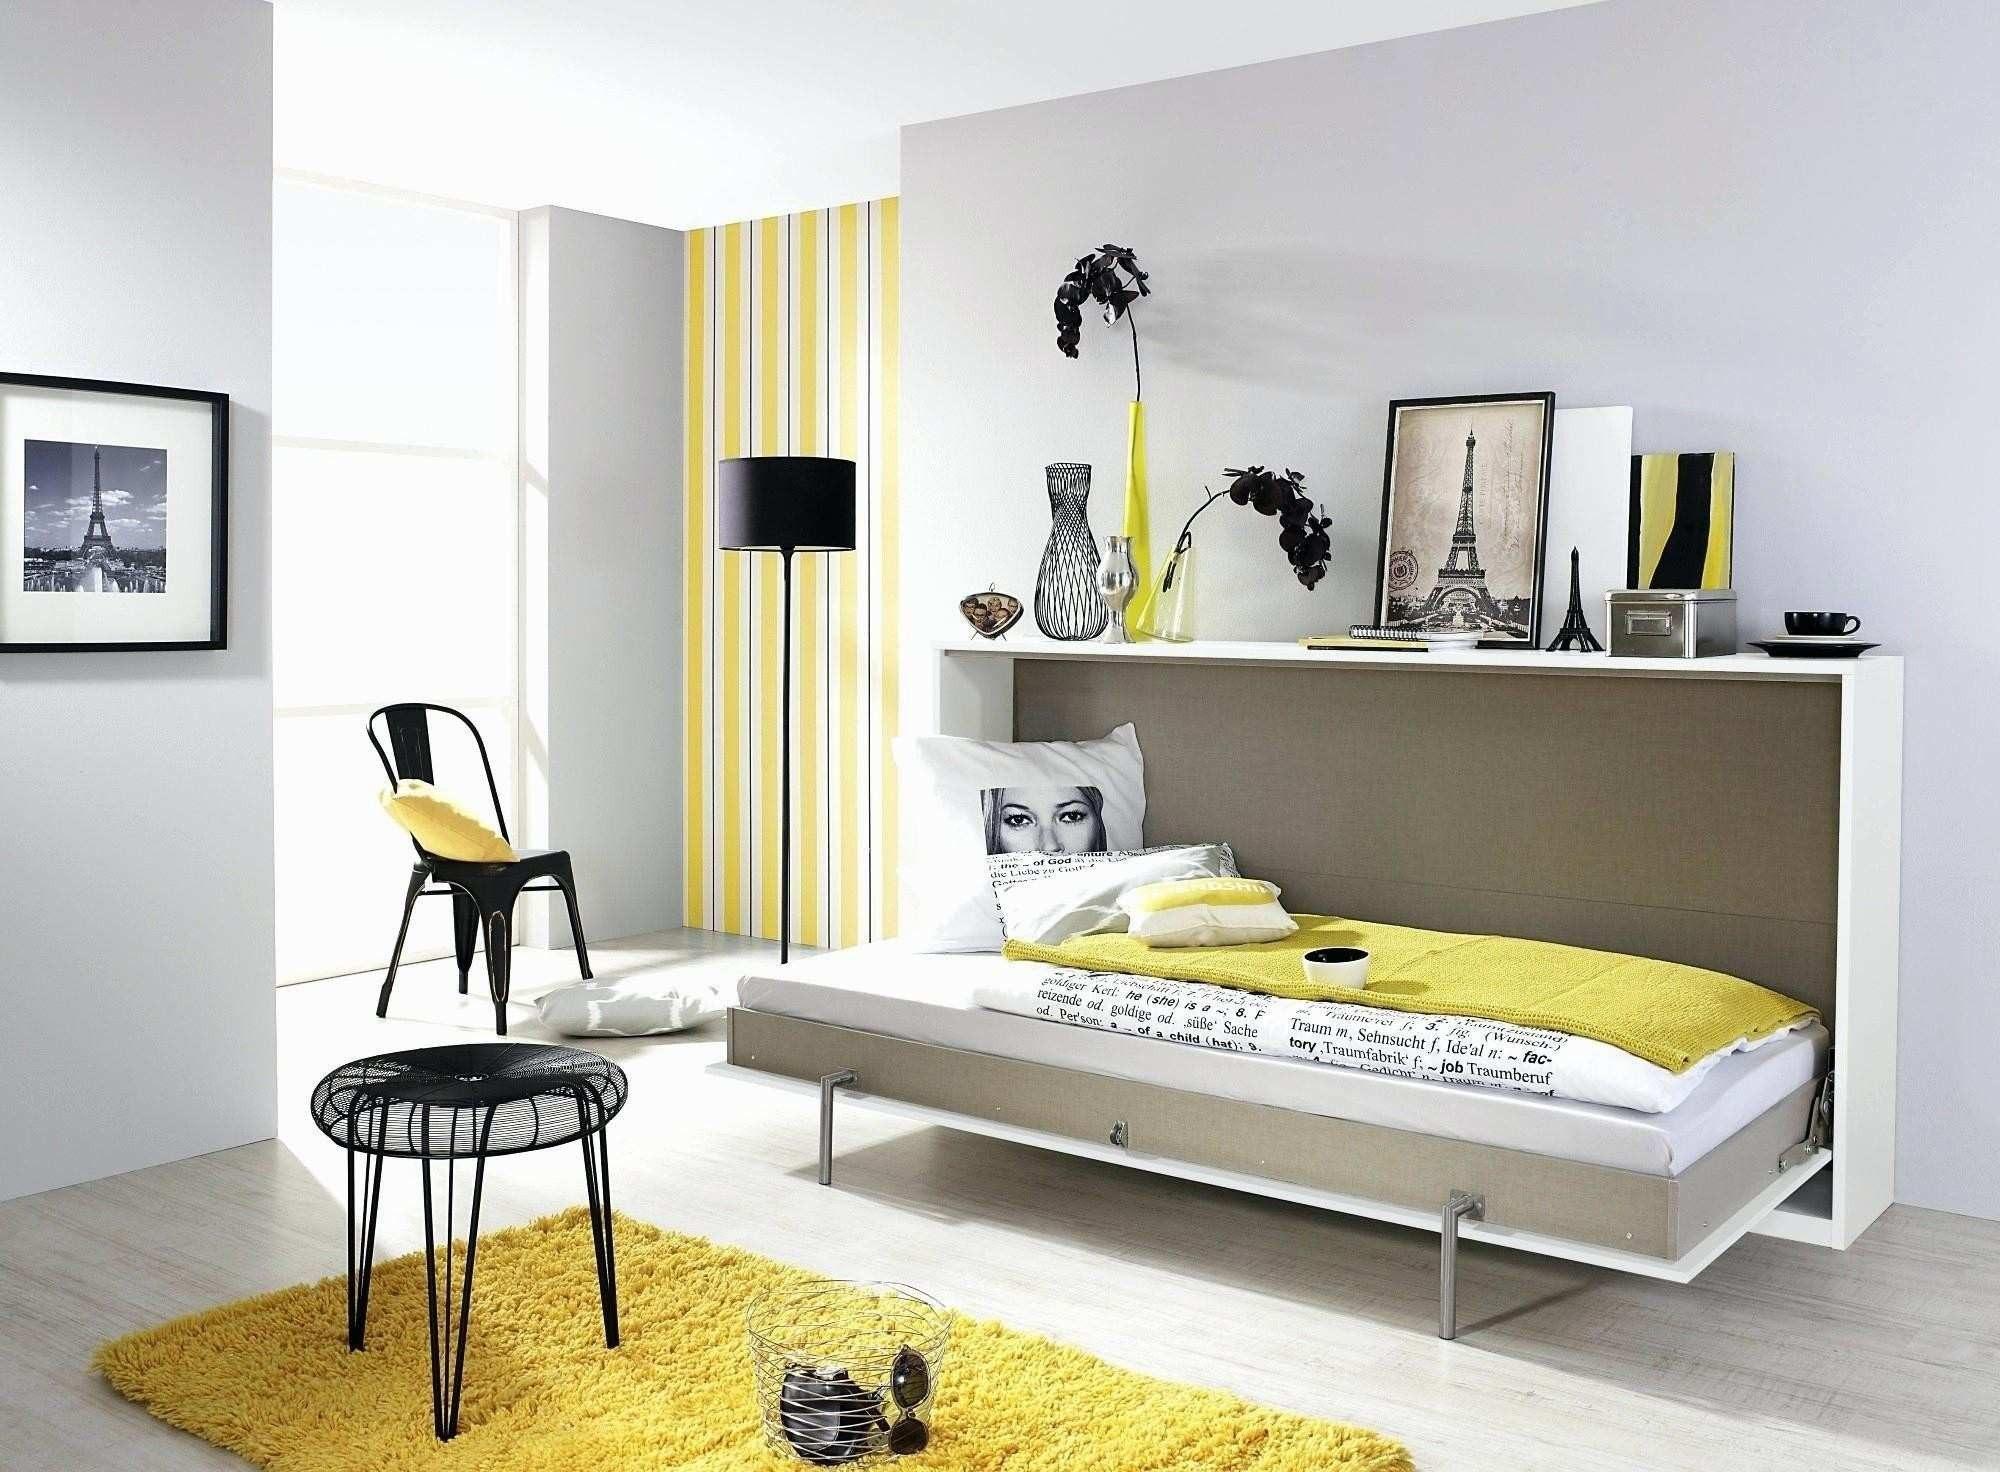 Lit Mezzanine 2 Places Bois Frais Enchantant Fauteuil Convertible Design Dans Lit Convertible 2 Places